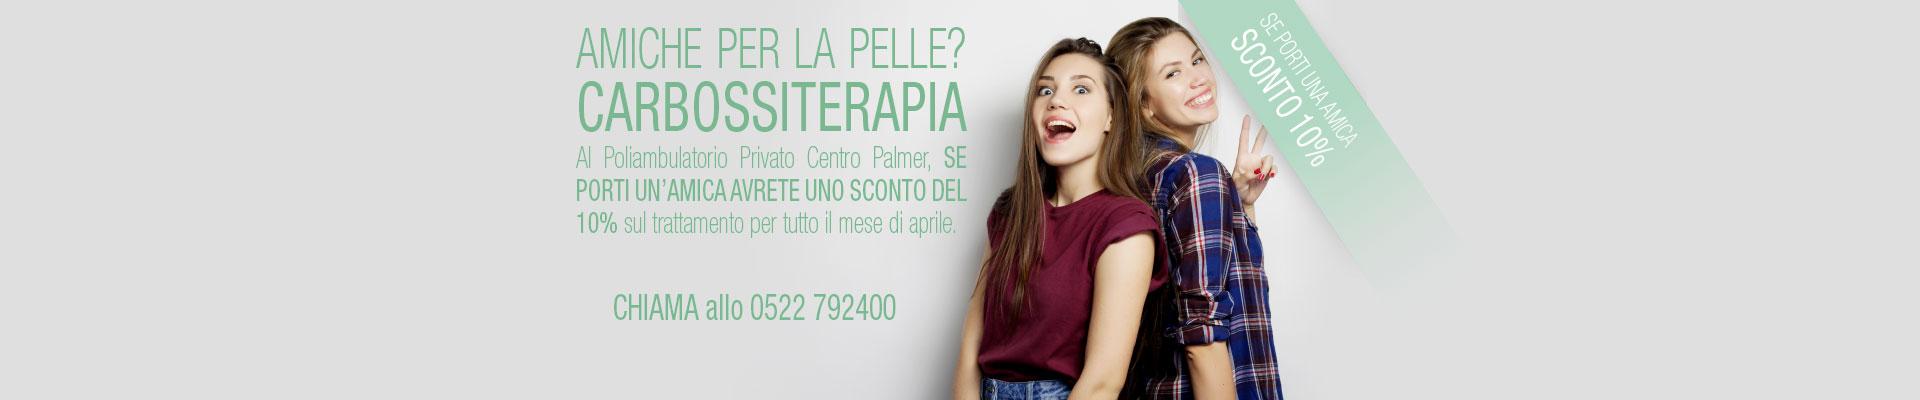 Promozione Carbossiterapia 2018 - Centro Palmer - Slide